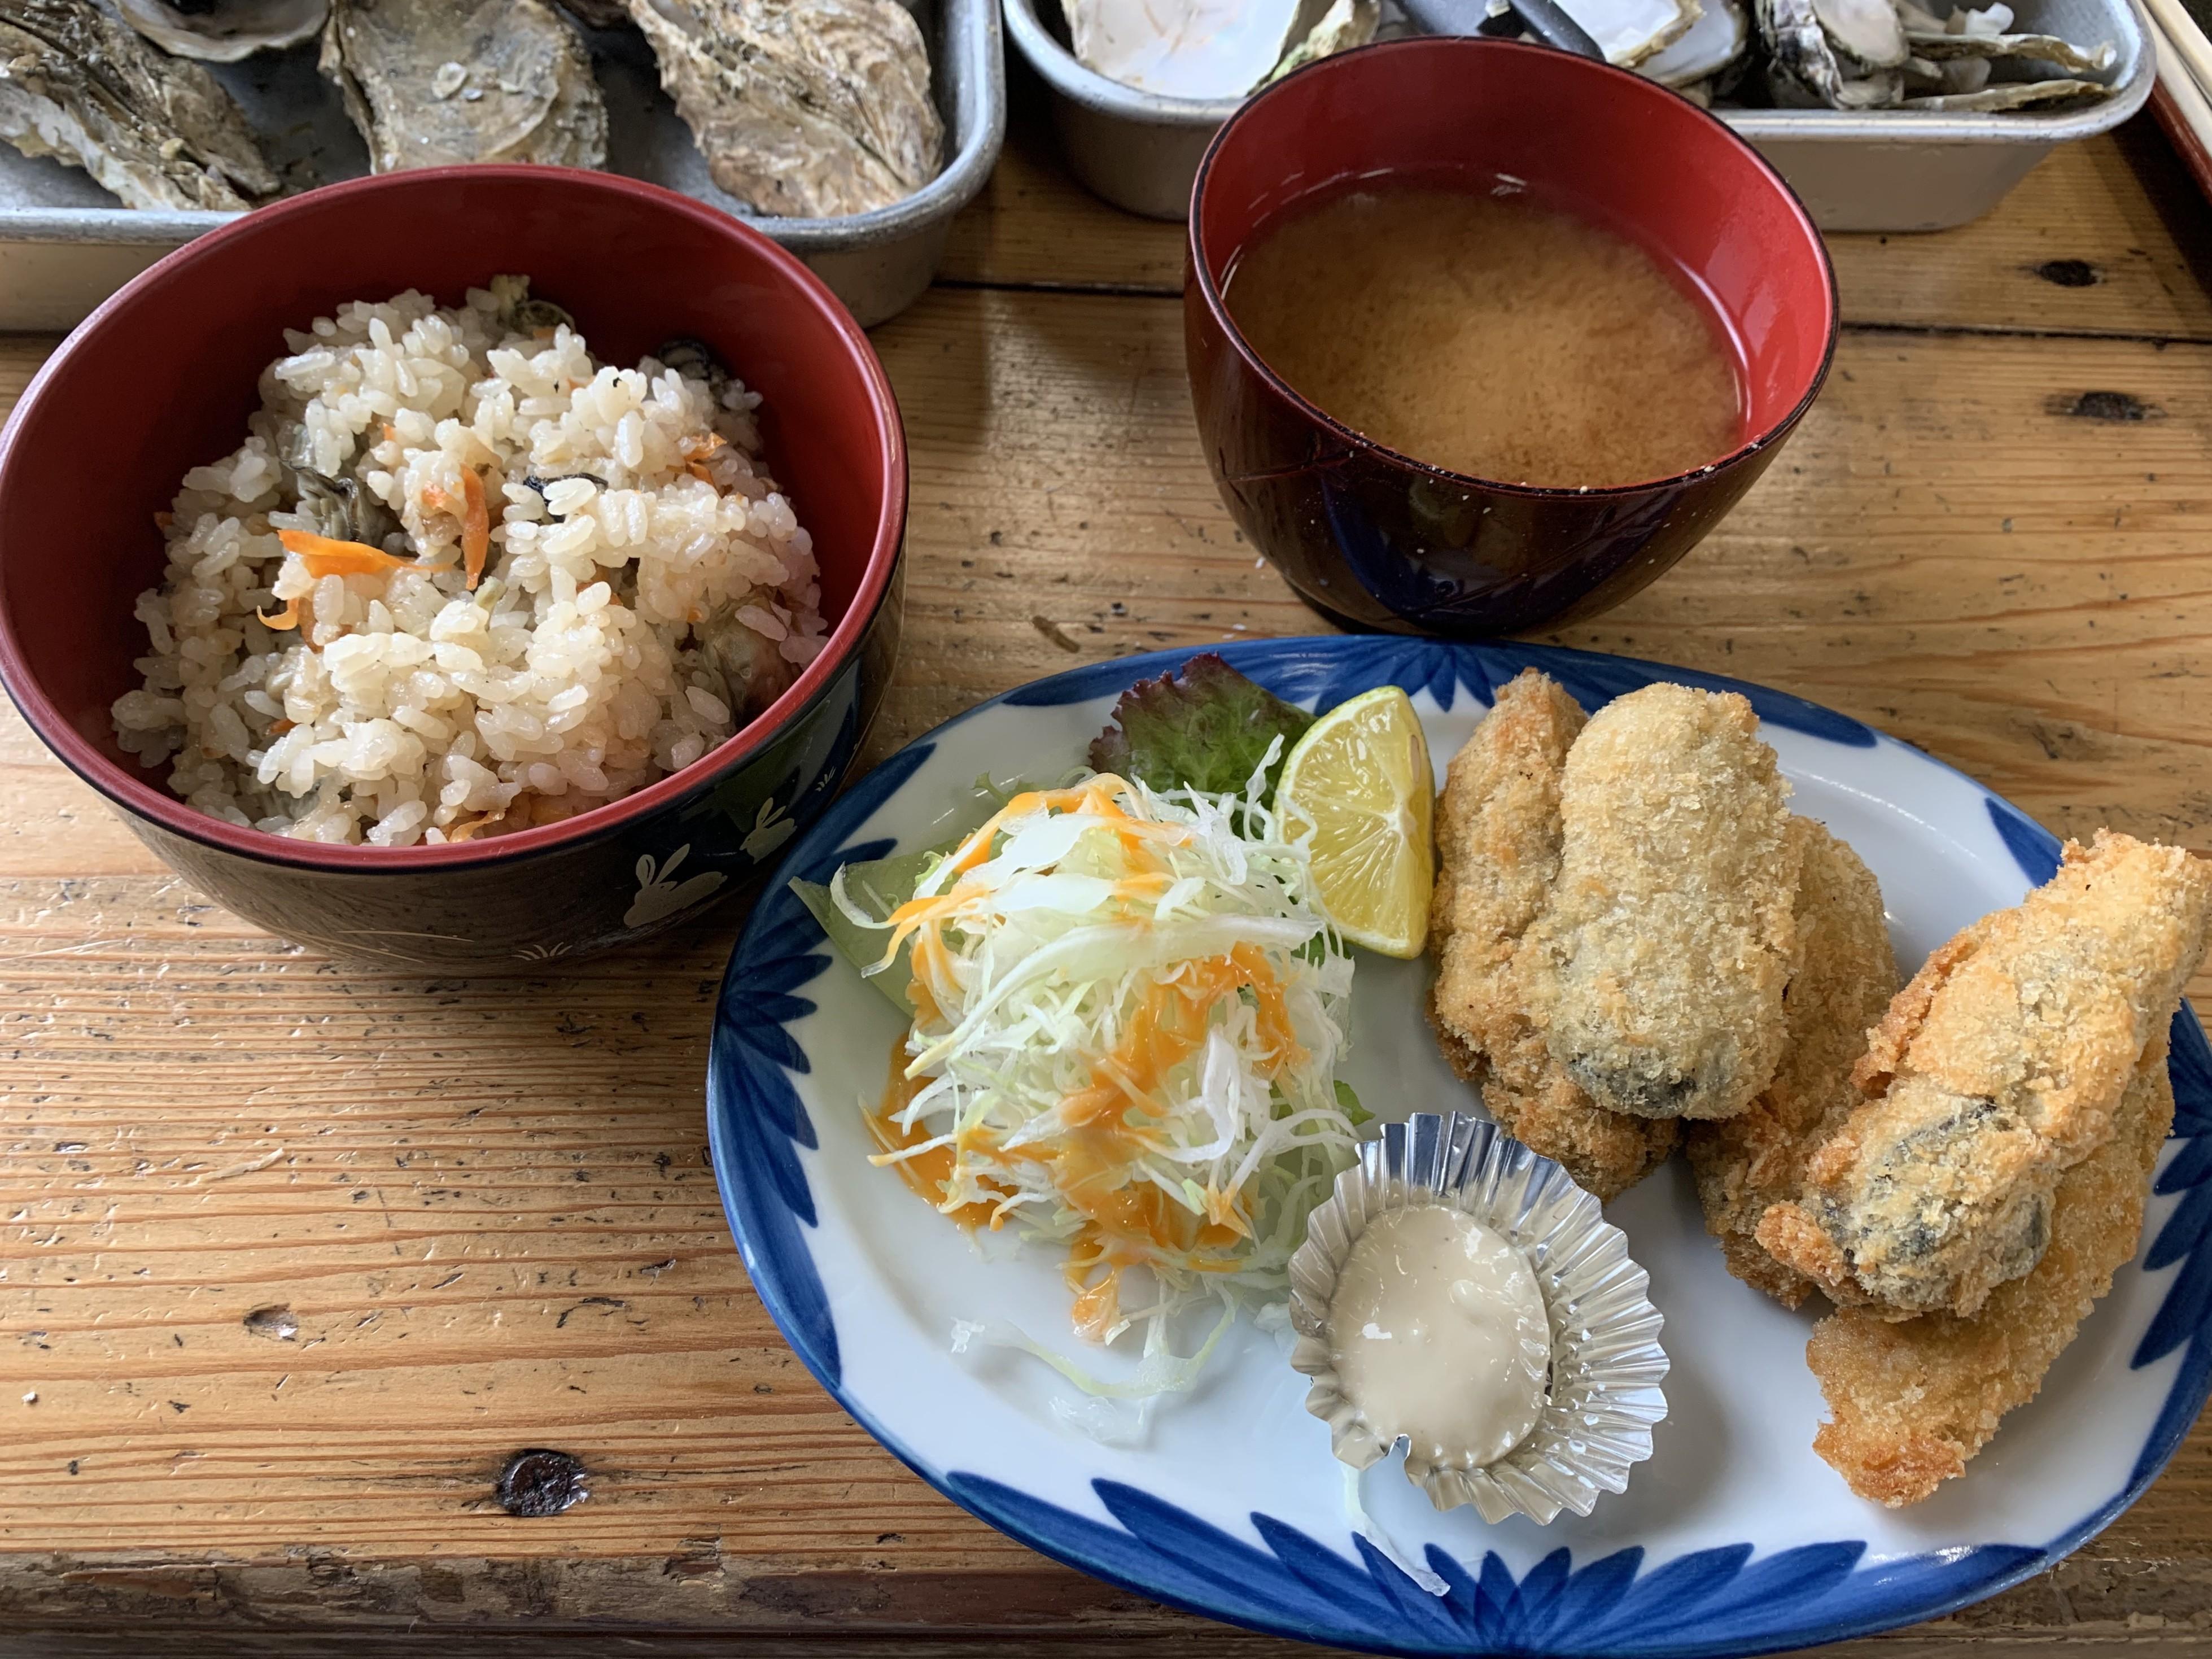 与吉屋の牡蠣の画像